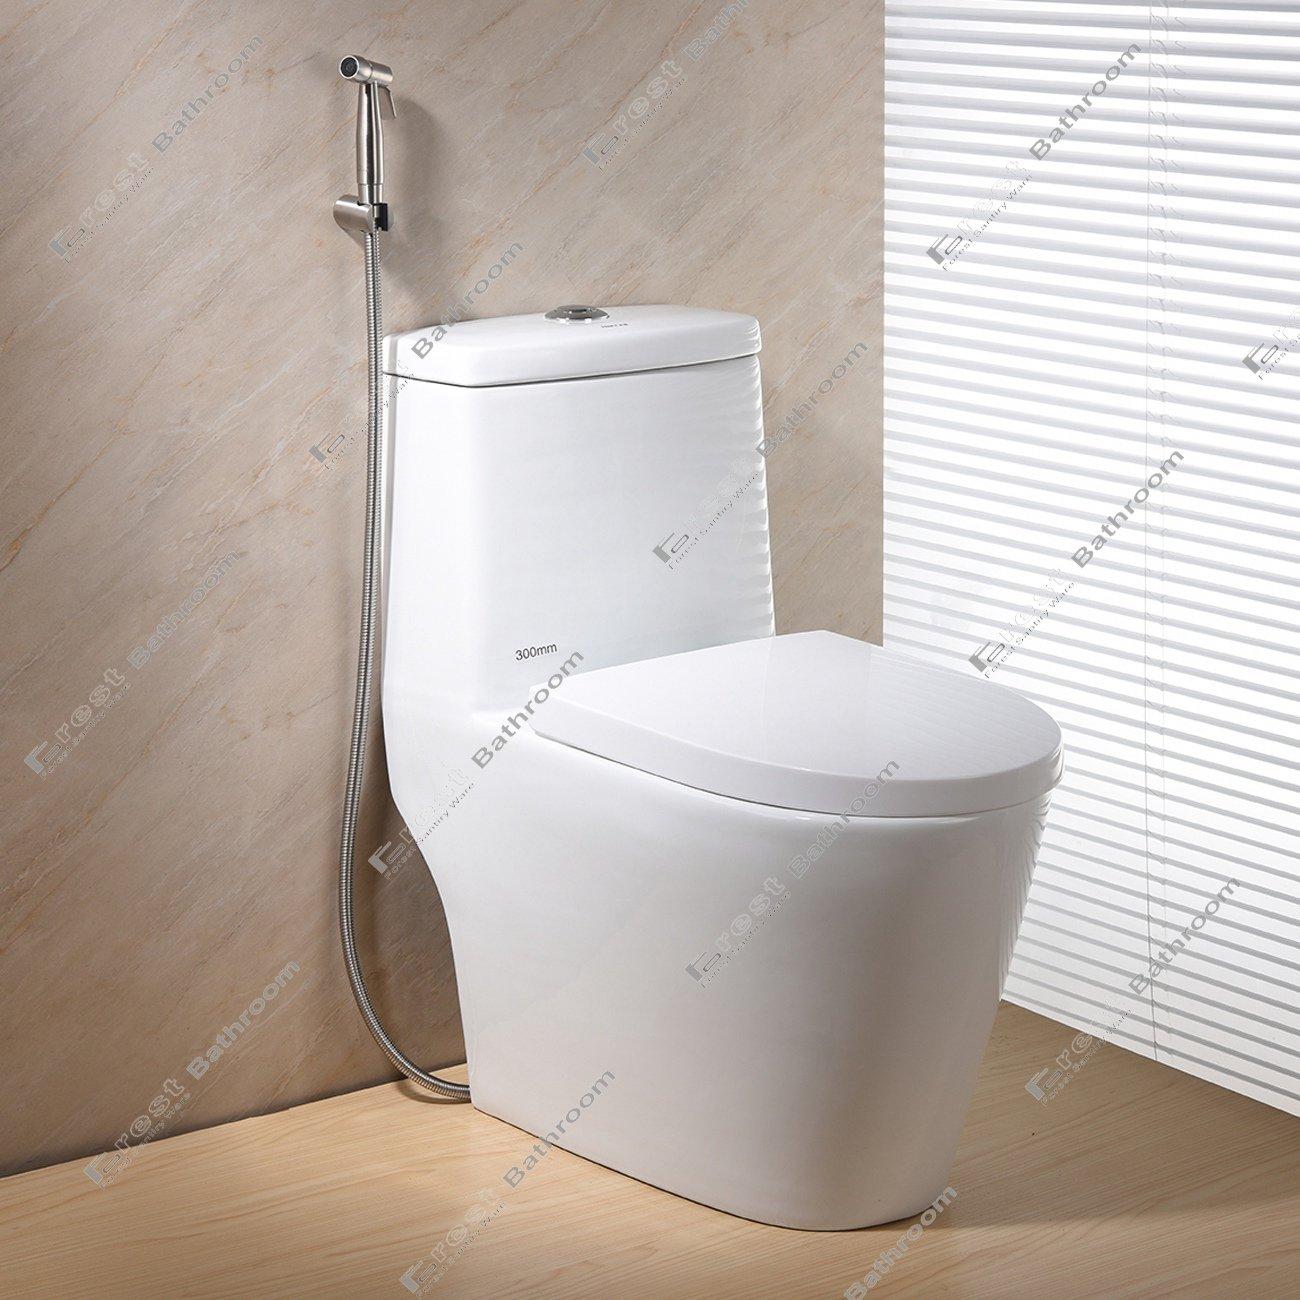 Ownace Nickel bross/é en acier inoxydable /à la main Held Bidet Pulv/érisateur Diaper Shattaf Douche Ensemble complet avec adaptateur tuyau et support pour toilettes